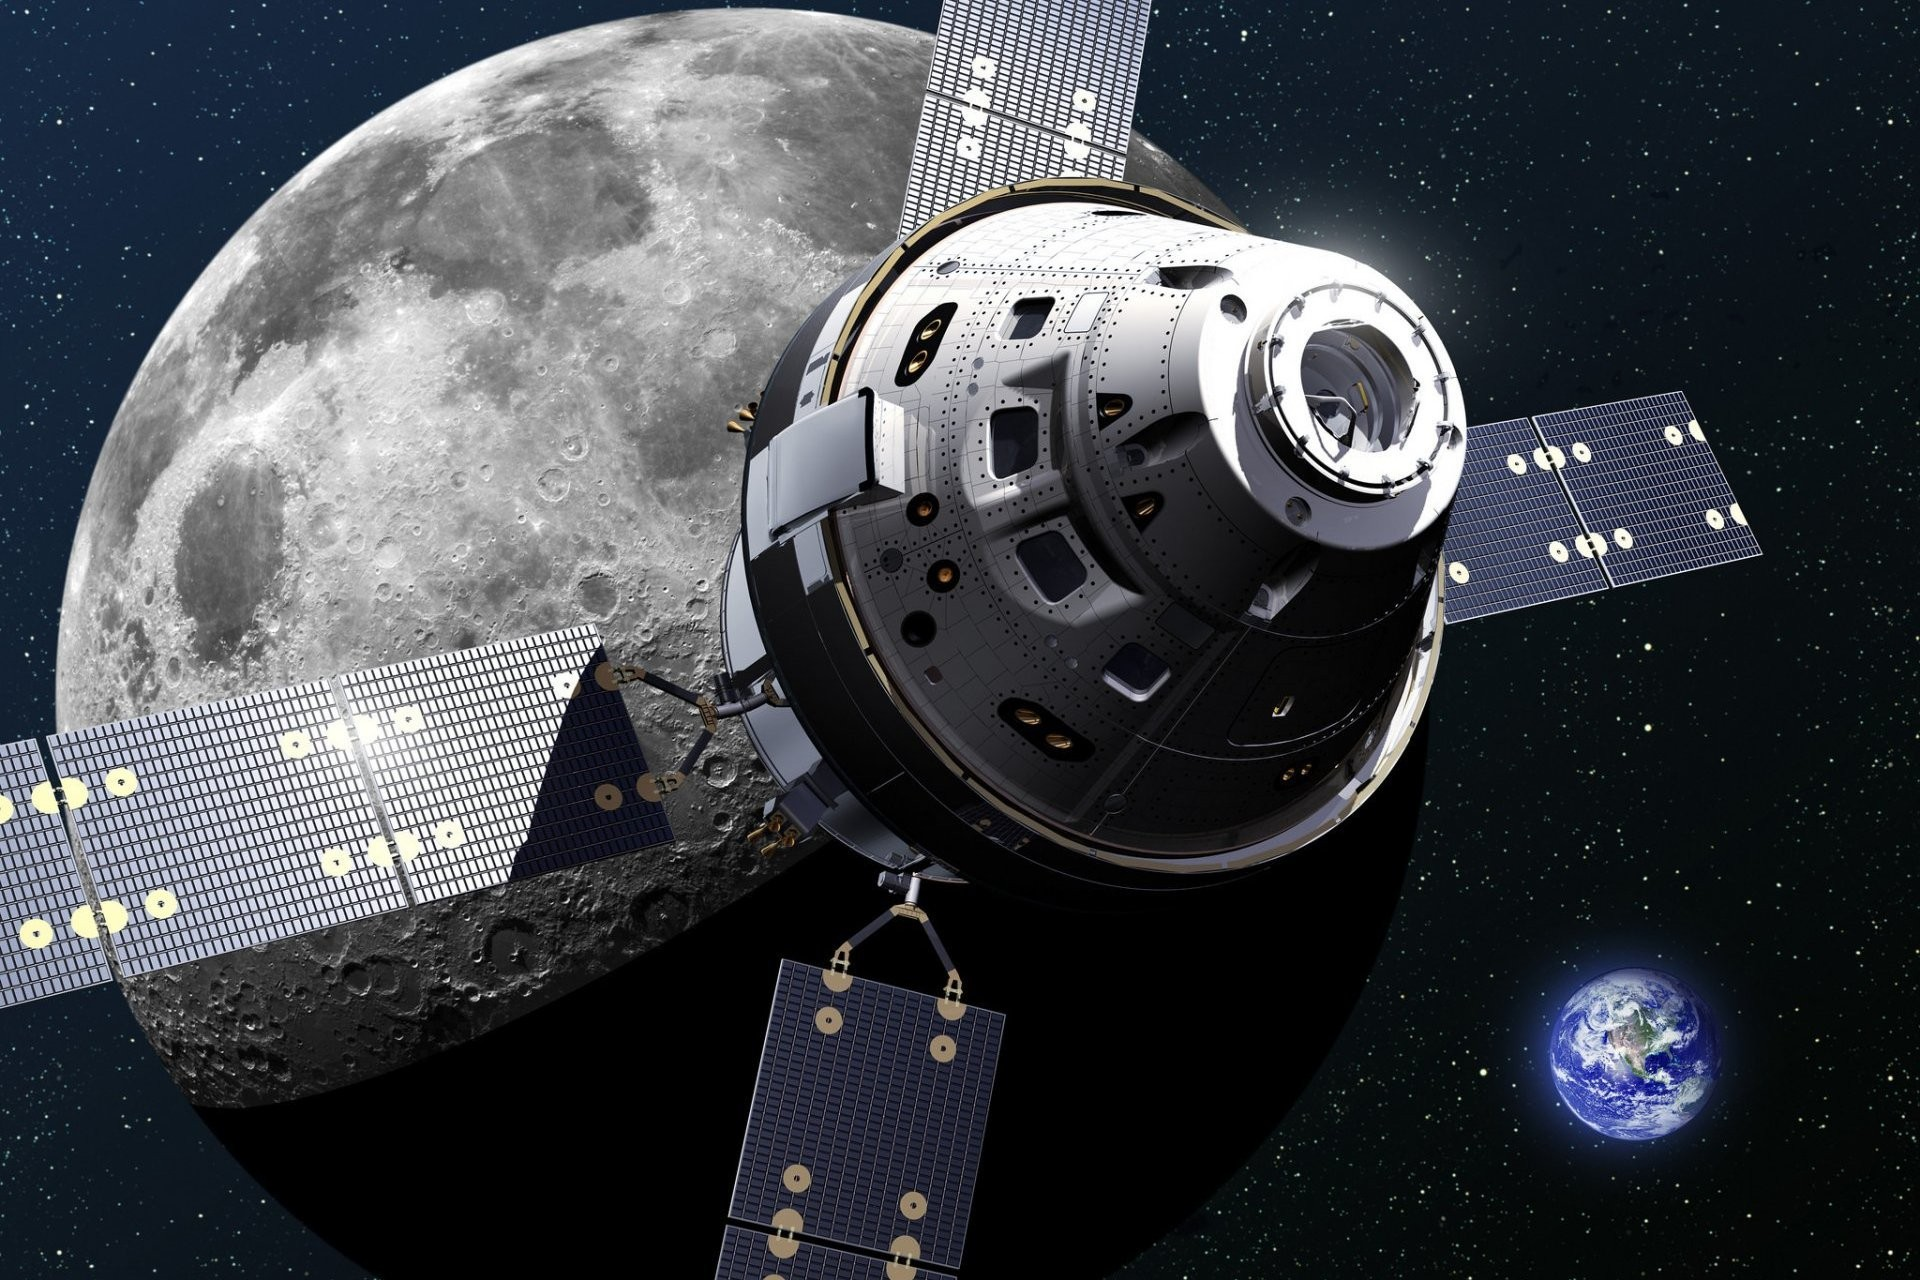 Смотри! Облет Луны NASA в 2019 году: разведывательный и пилотируемый космический полет